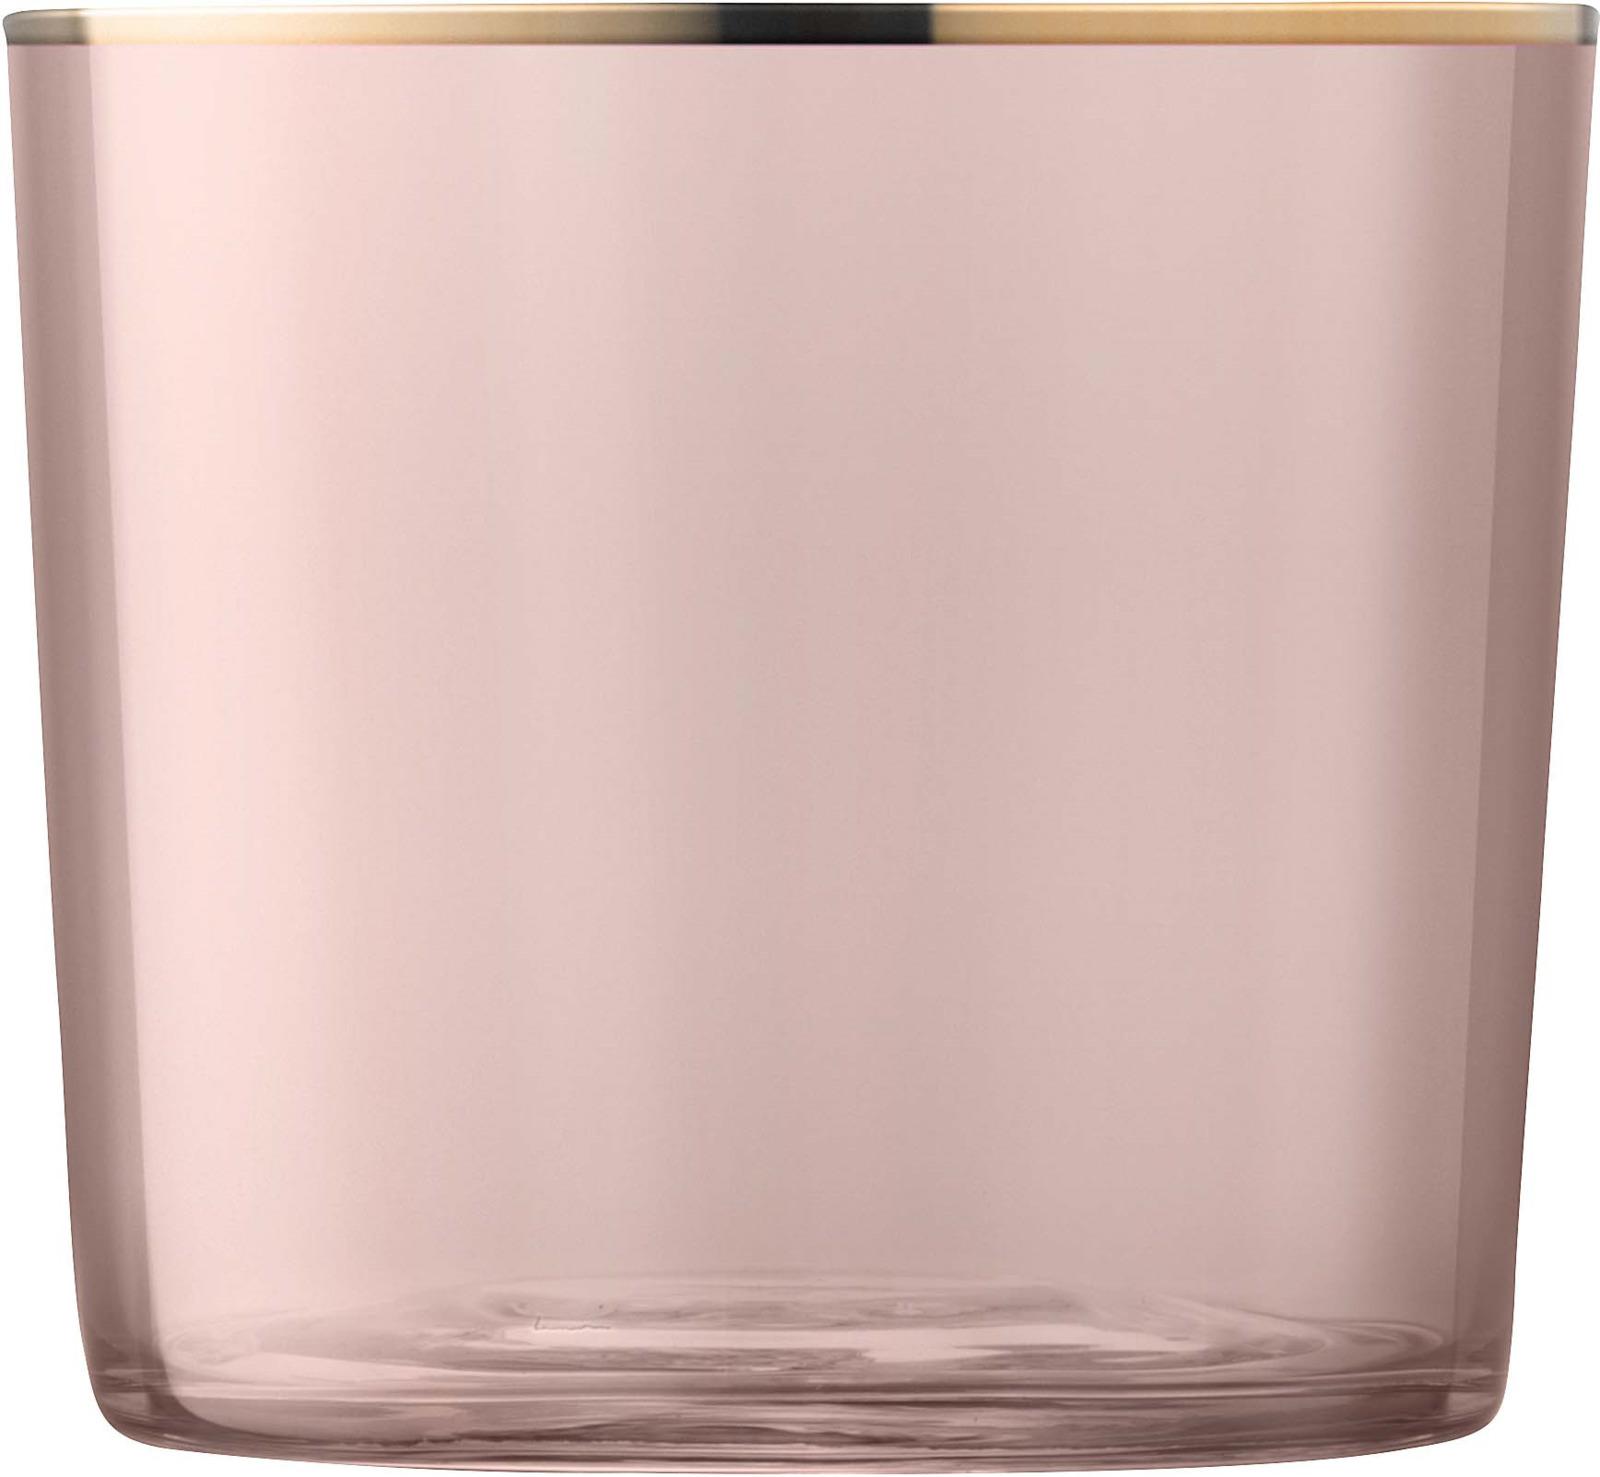 Набор стаканов LSA Sorbet, цвет: коричневый, 310 мл, 2 штG060-09-208Набор из 2 универсальных стаканов, которые можно использовать не только для подачи коктейлей, аперитивов и крепких напитков, но и для сервировки легких десертов. Объем 310 мл. Стаканы из выдувного стекла с ручной росписью станут украшением стола во время торжественных мероприятий и праздничных ужинов. Комбинируйте их с бокалами для вина или шампанского из коллекции Sorbet для создания гармоничной и завершенной композиции. Стаканы упакованы в красивую коробку и станут прекрасным подарком для любого случая. Sorbet — яркая коллекция бокалов и подсвечников, которая напоминает о солнечных днях и уютных теплых вечерах в приятной компании. Богатая палитра цветов позволяет выбрать подходящие под настроение предметы для сервировки праздничного обеда или семейного ужина. Все предметы коллекции украшены изысканной золотой окантовкой. Изделия из выдувного стекла, раскрашенные вручную и украшенные позолотой, рекомендуется мыть вручную в теплой мыльной воде и вытирать насухо мягкой тканью. Иногда в готовом изделии из выдувного стекла встречаются пузырьки воздуха — это нормально и вполне допускается технологией ручного производства. Такие пузырьки воздуха внутри не являются браком.